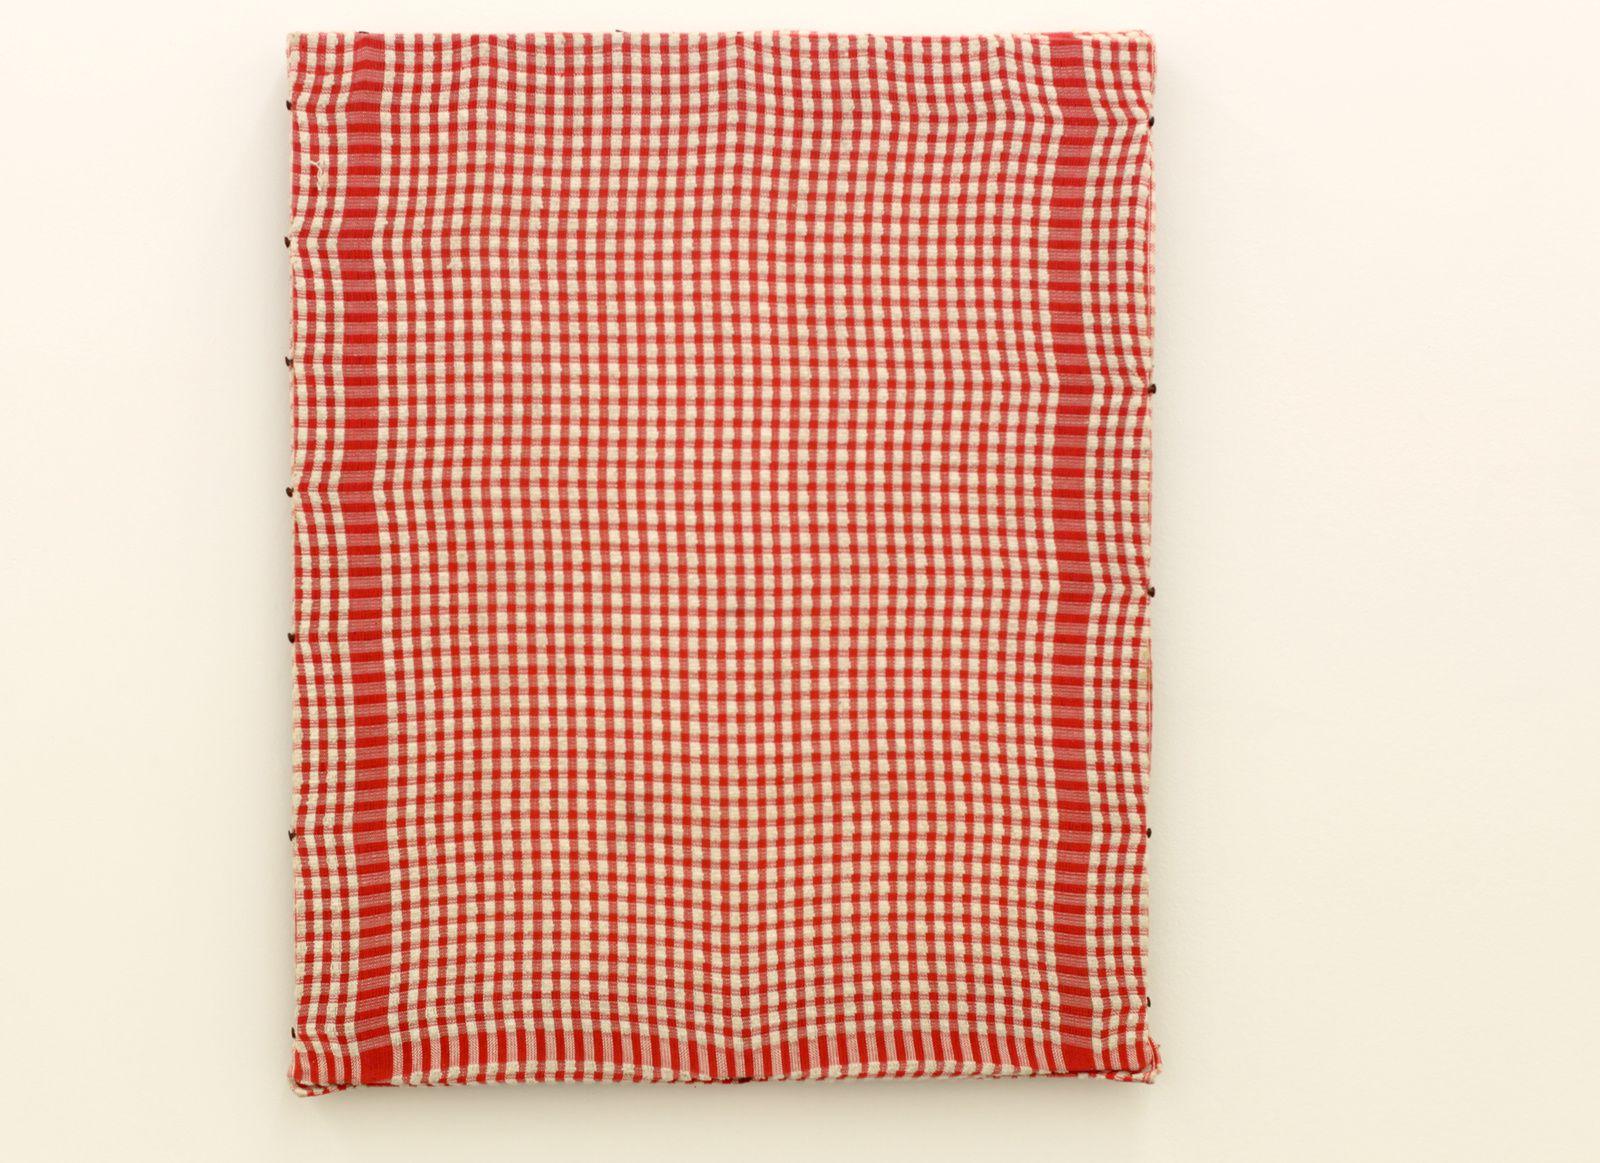 """""""Peinture au torchon"""", 1975 de Présence Panchounette - Courtesy galerie Sémiose © Photo Éric Simon"""